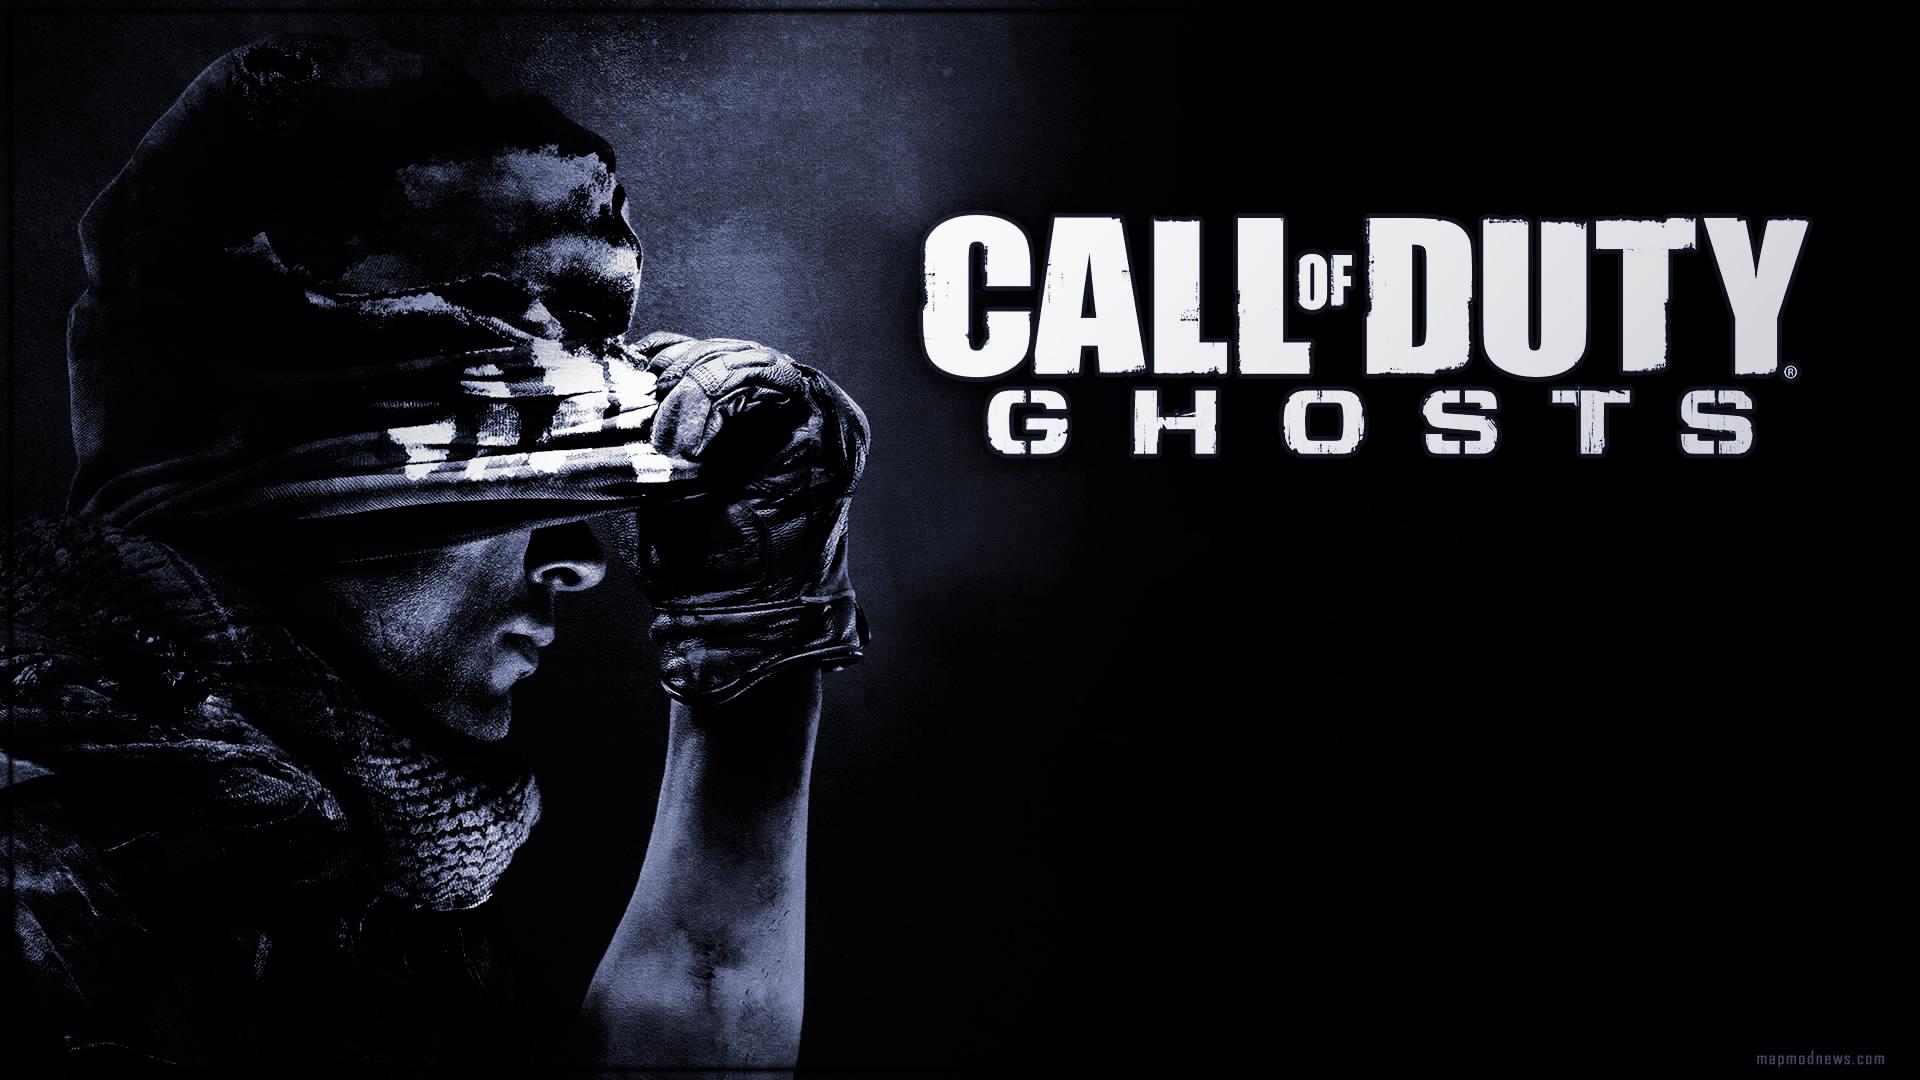 Bande annonce duCall of Duty: Ghosts Reveal sur XBOX ONE «Call of Duty: Ghosts : Nouvelle histoire. Nouveau moteur, nouvelle génération»